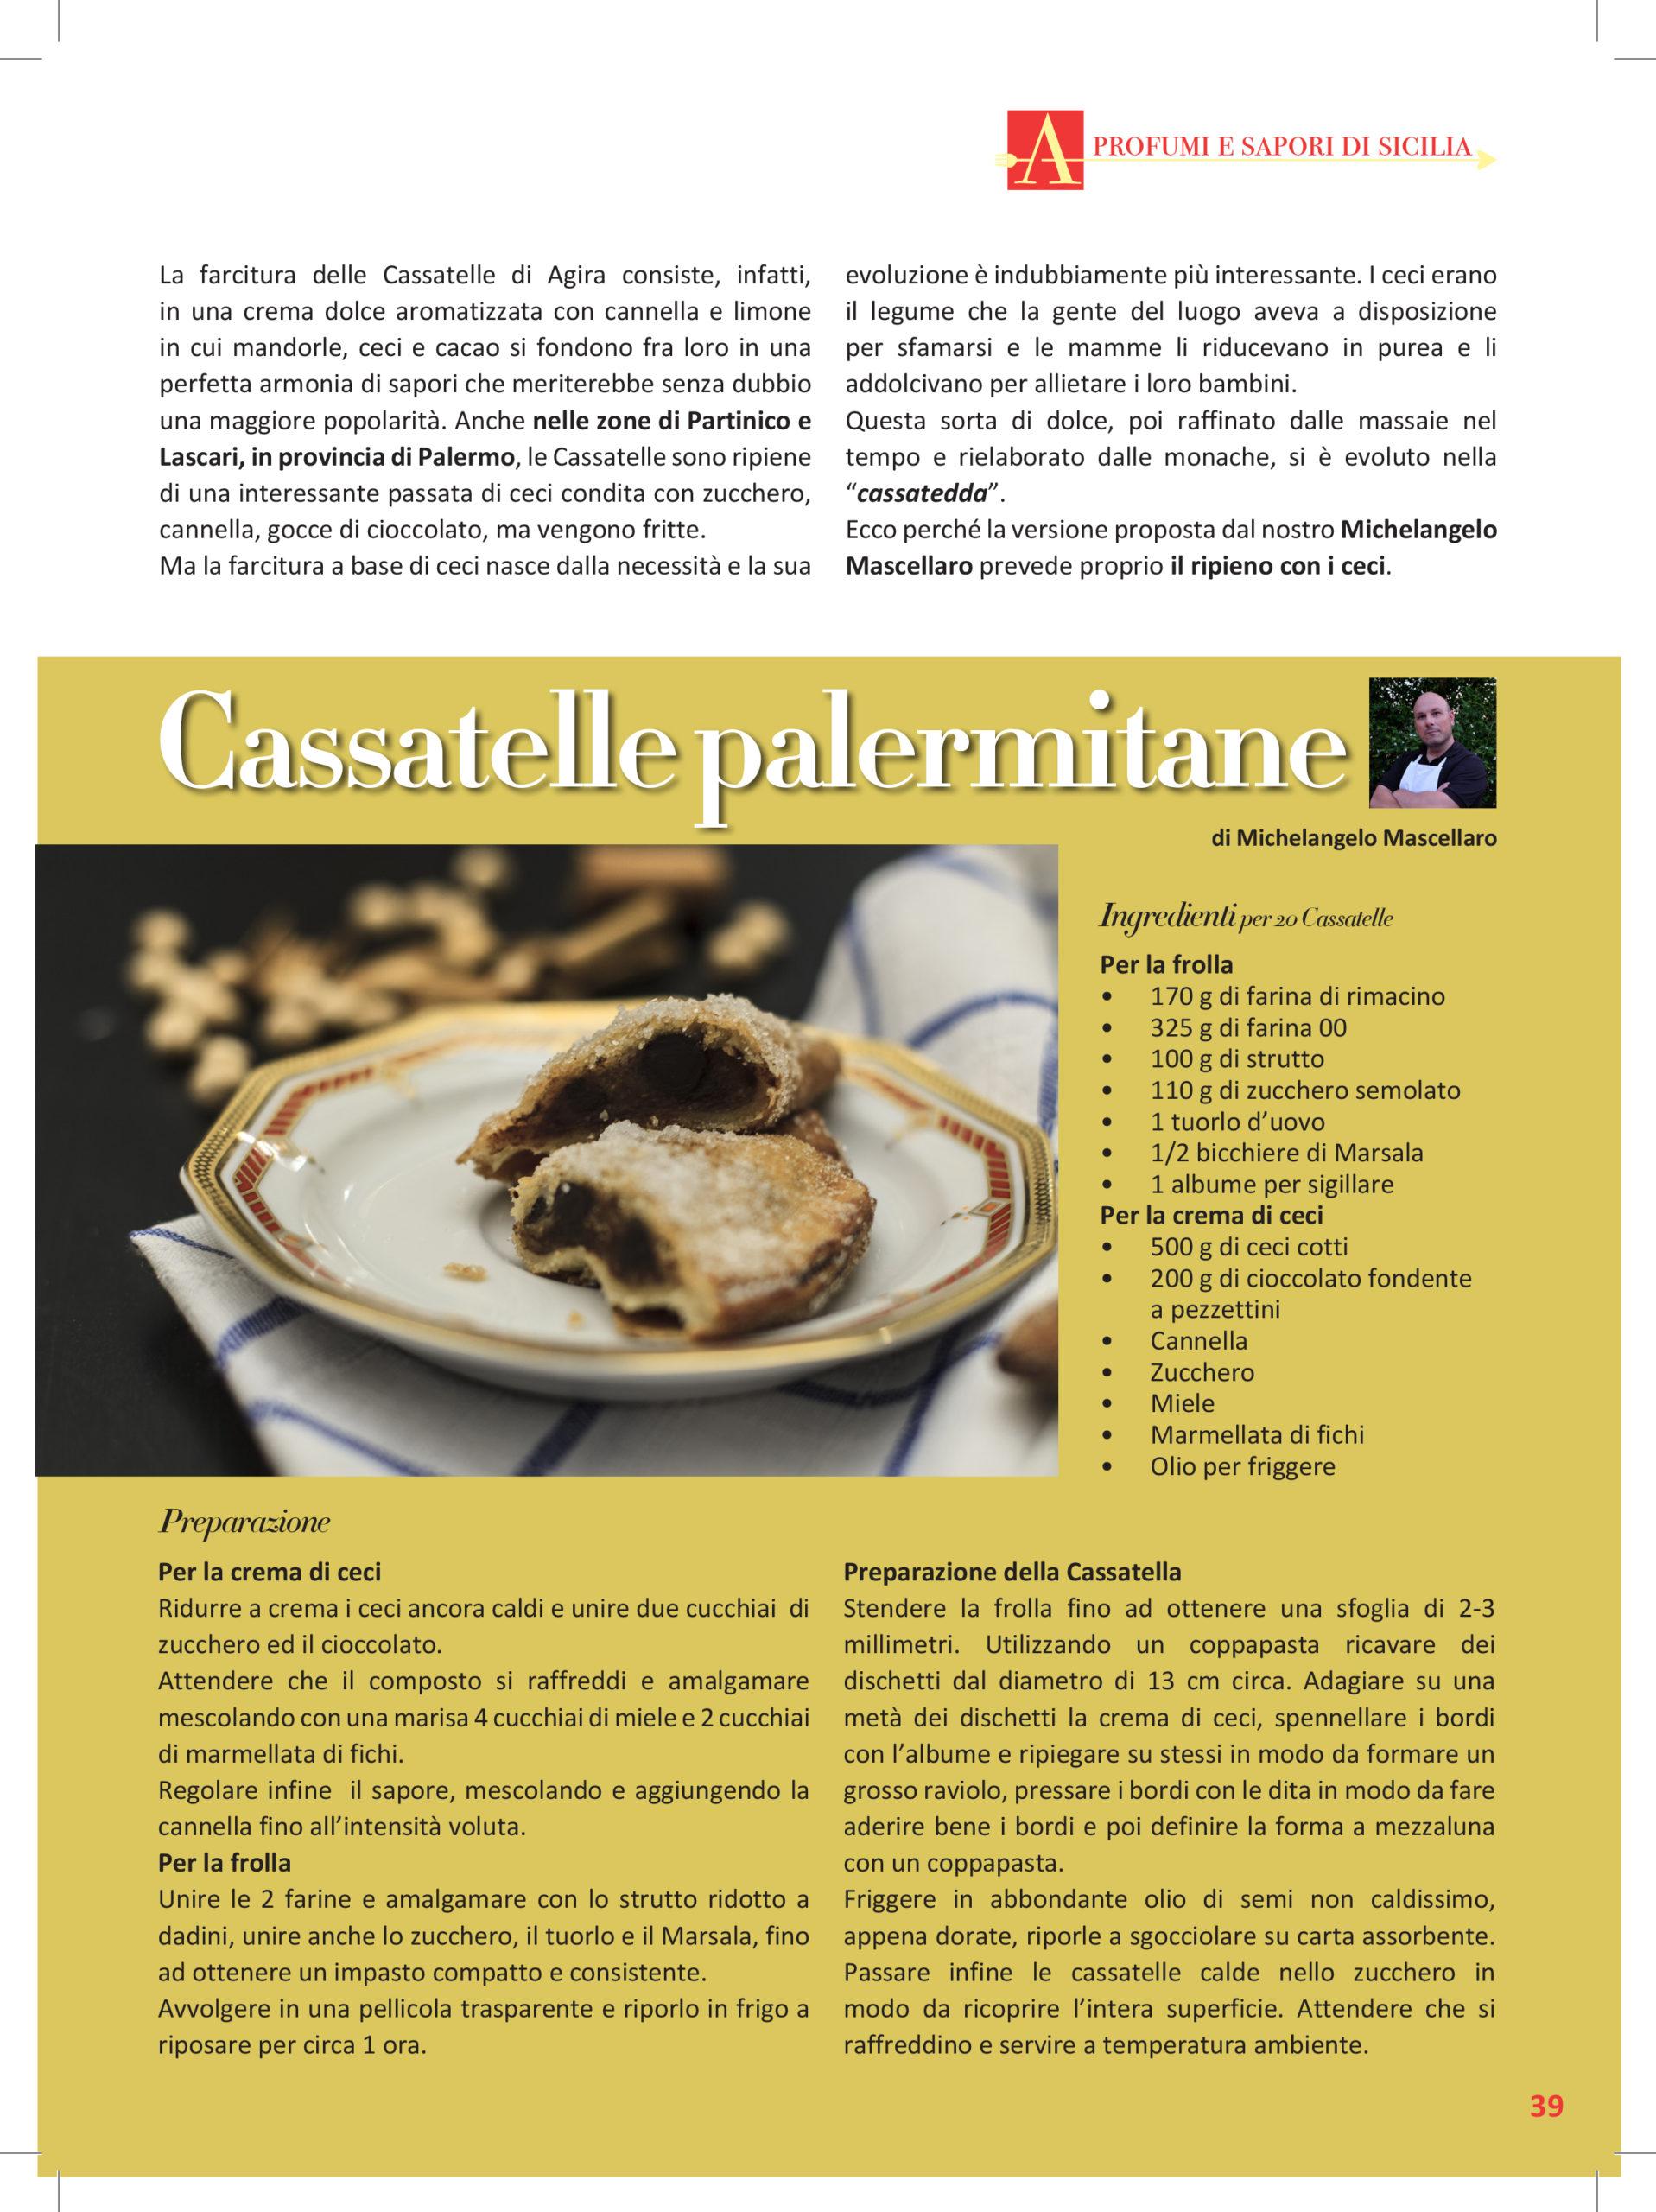 la ricetta delle Cassatelle Palermitane su Cucina a Sud